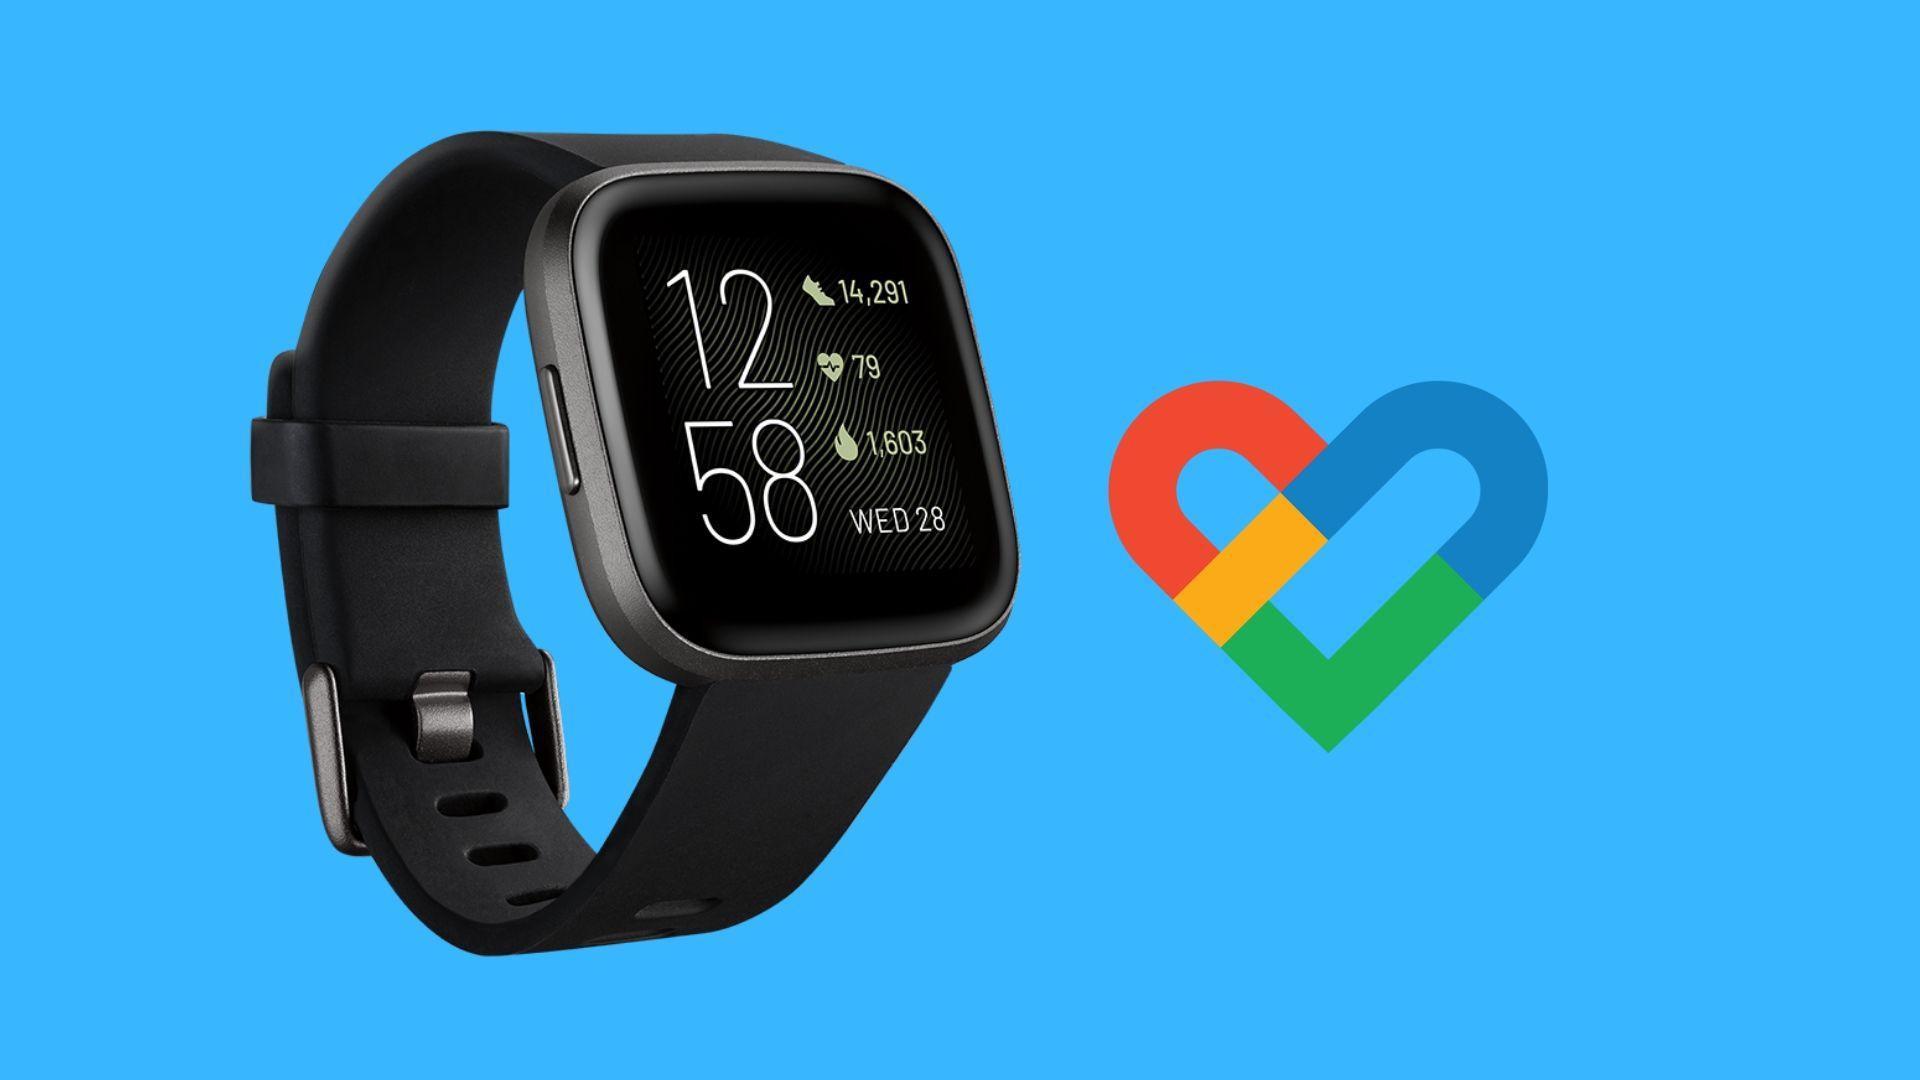 Google conclui compra da Fitbit por US$ 2.1 bilhões